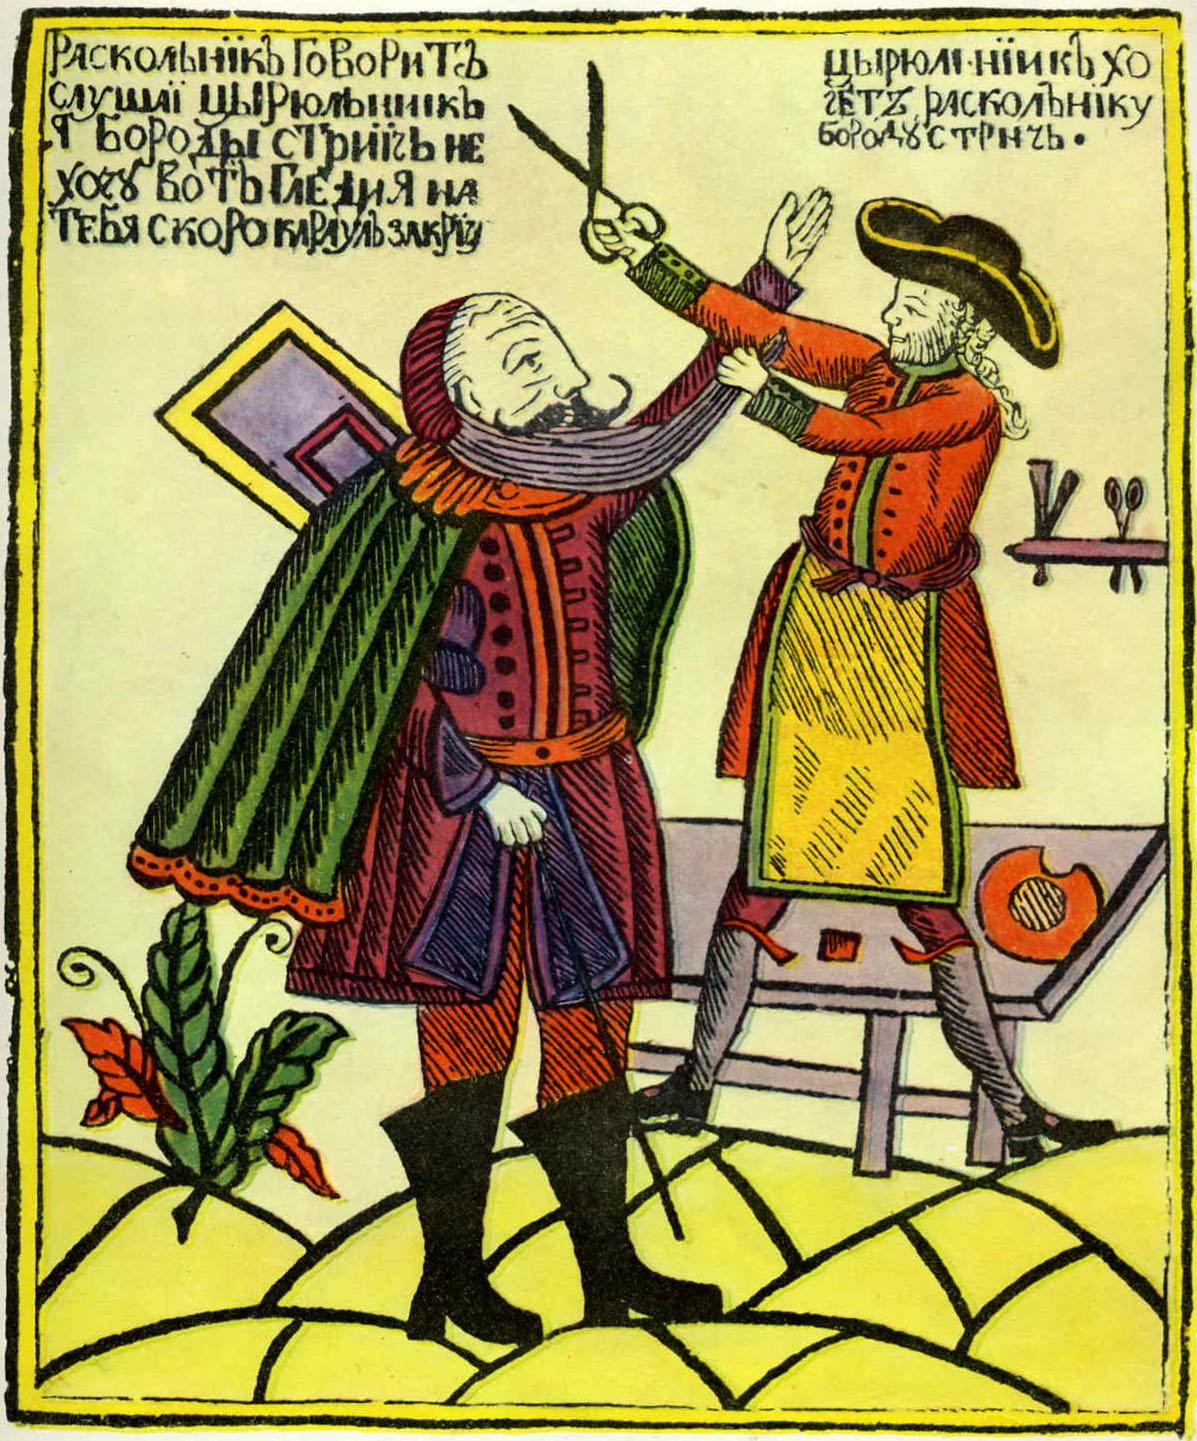 Цирюльник стрижет раскольника, лубок, брадобритие, Пётр I, указ о ношении бороды